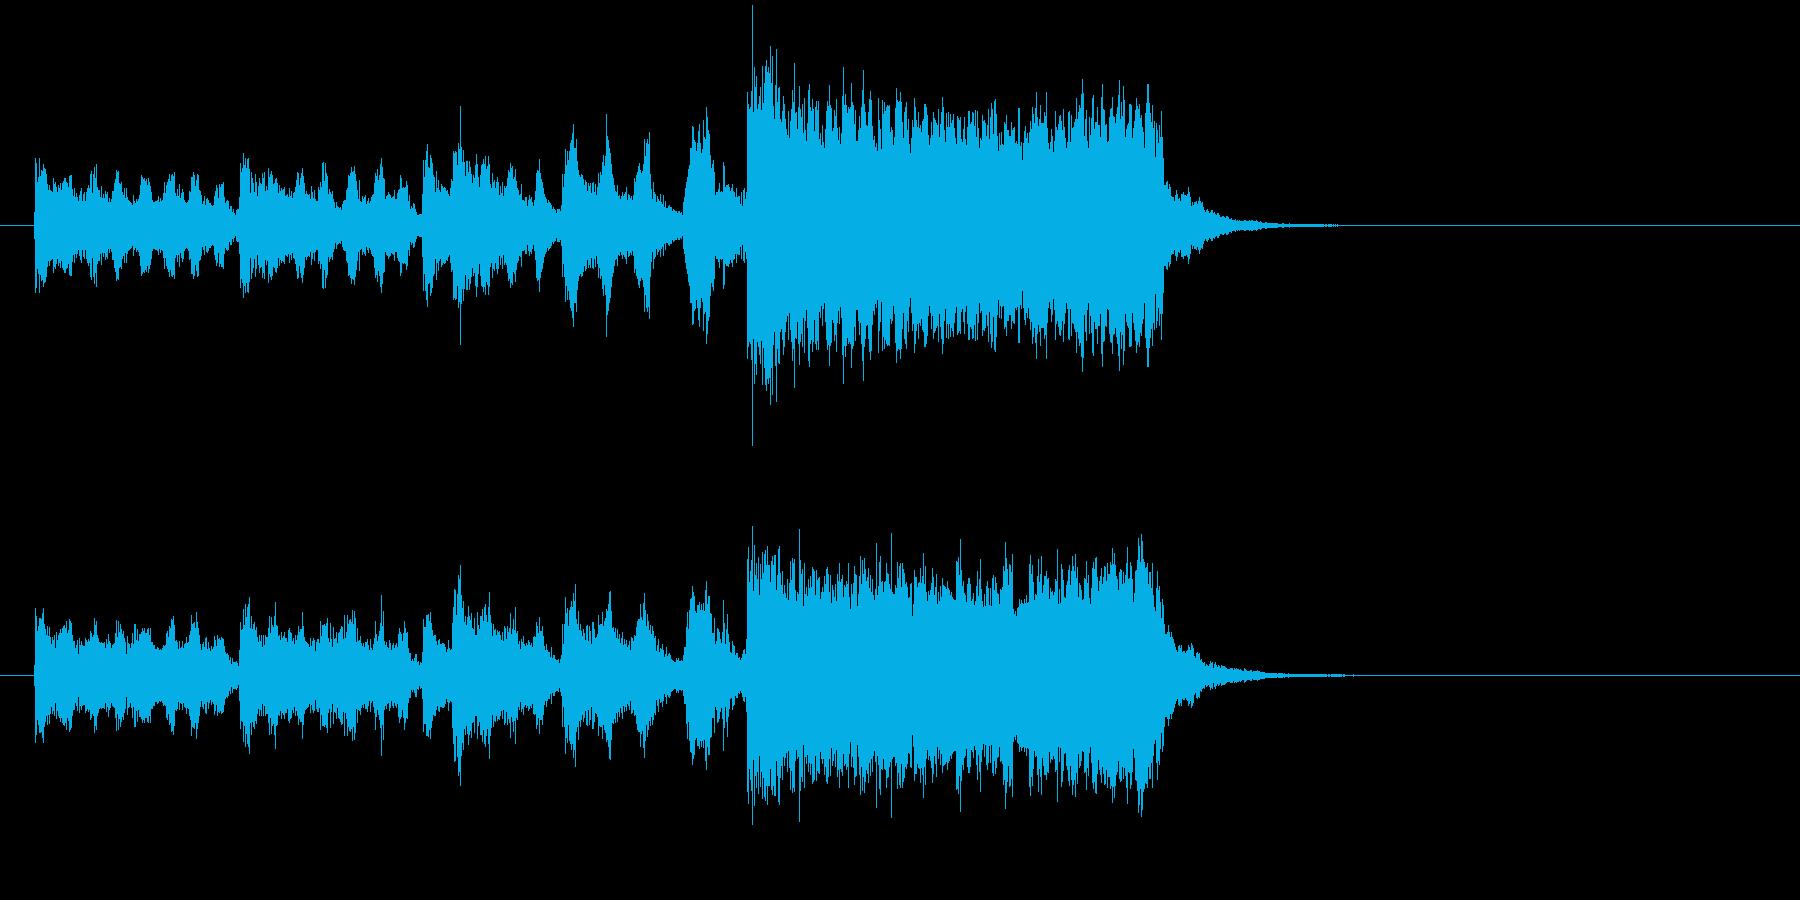 「第九」風ファンファーレの再生済みの波形